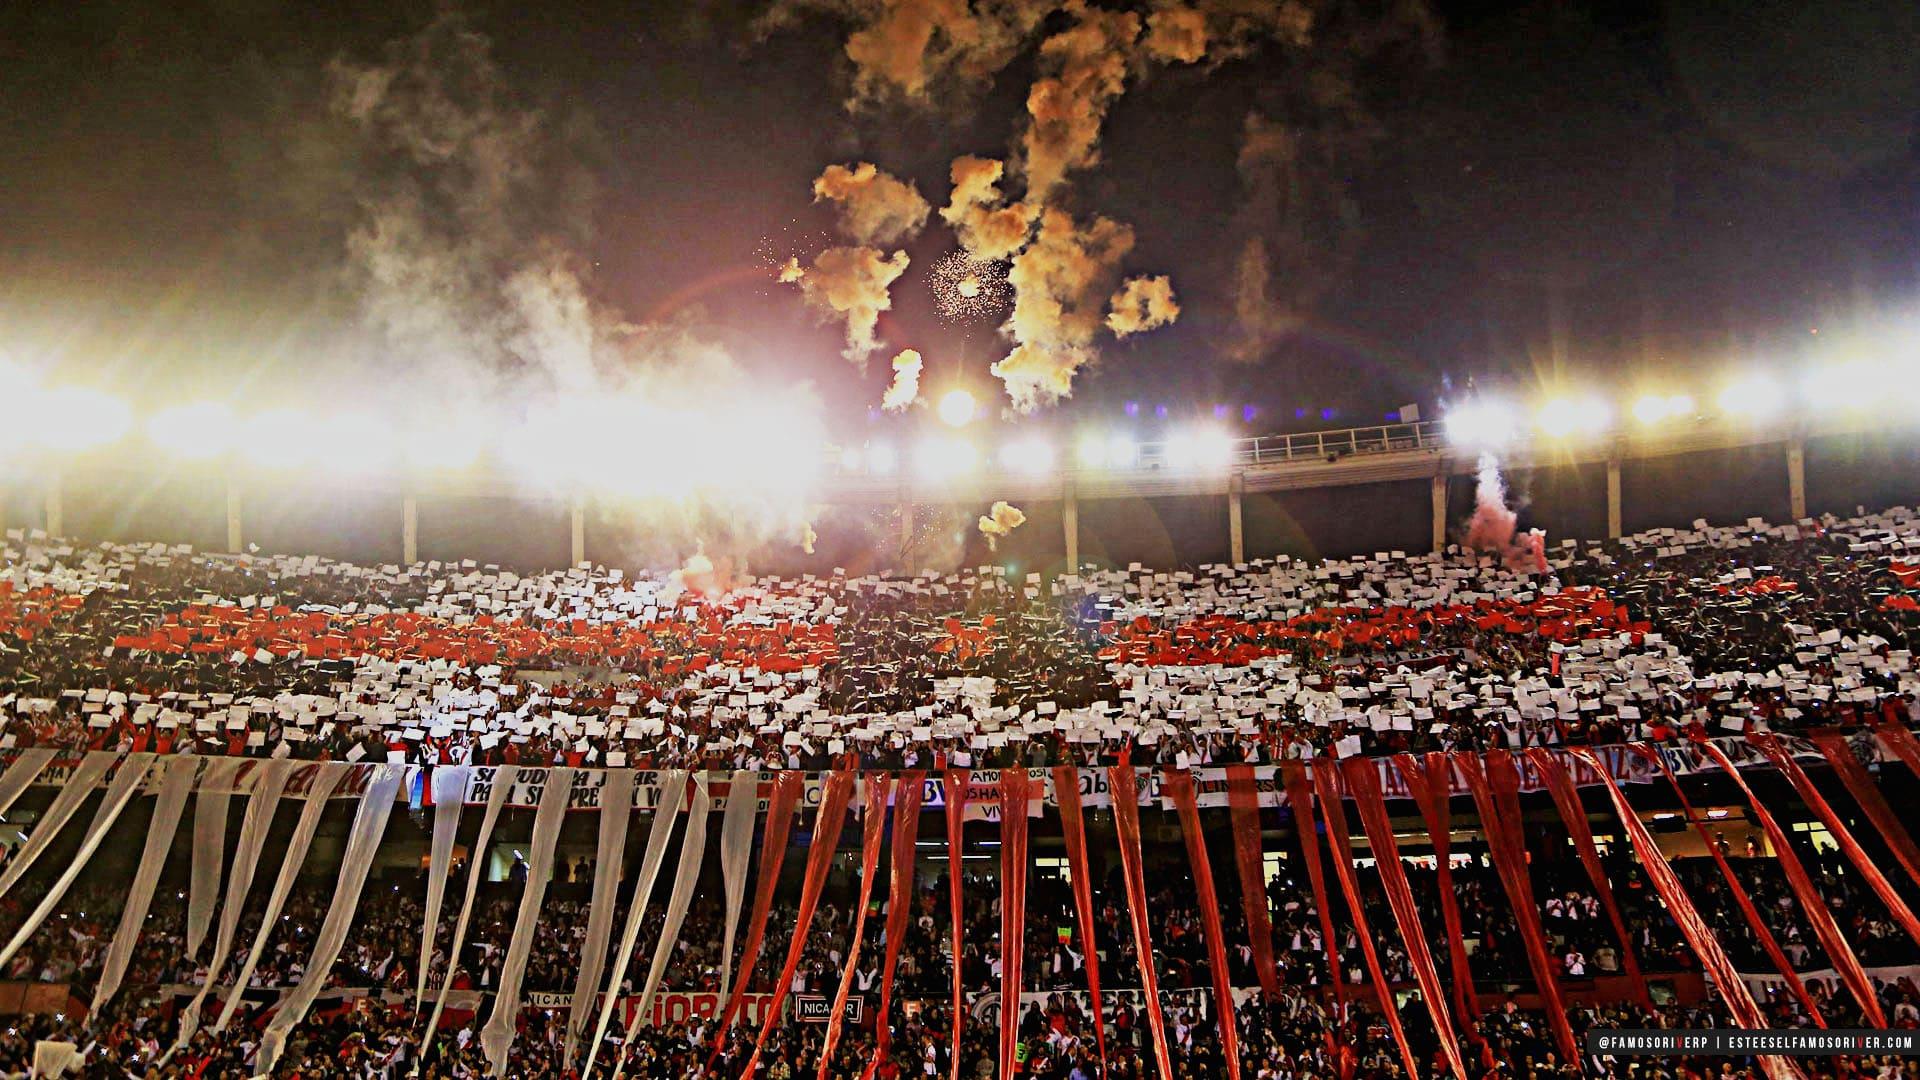 imagenes-de-river-plate-para-fondos-de-pantalla-wallpaper-de-river-Monumental - Hinchada noche - fuegos artificiales